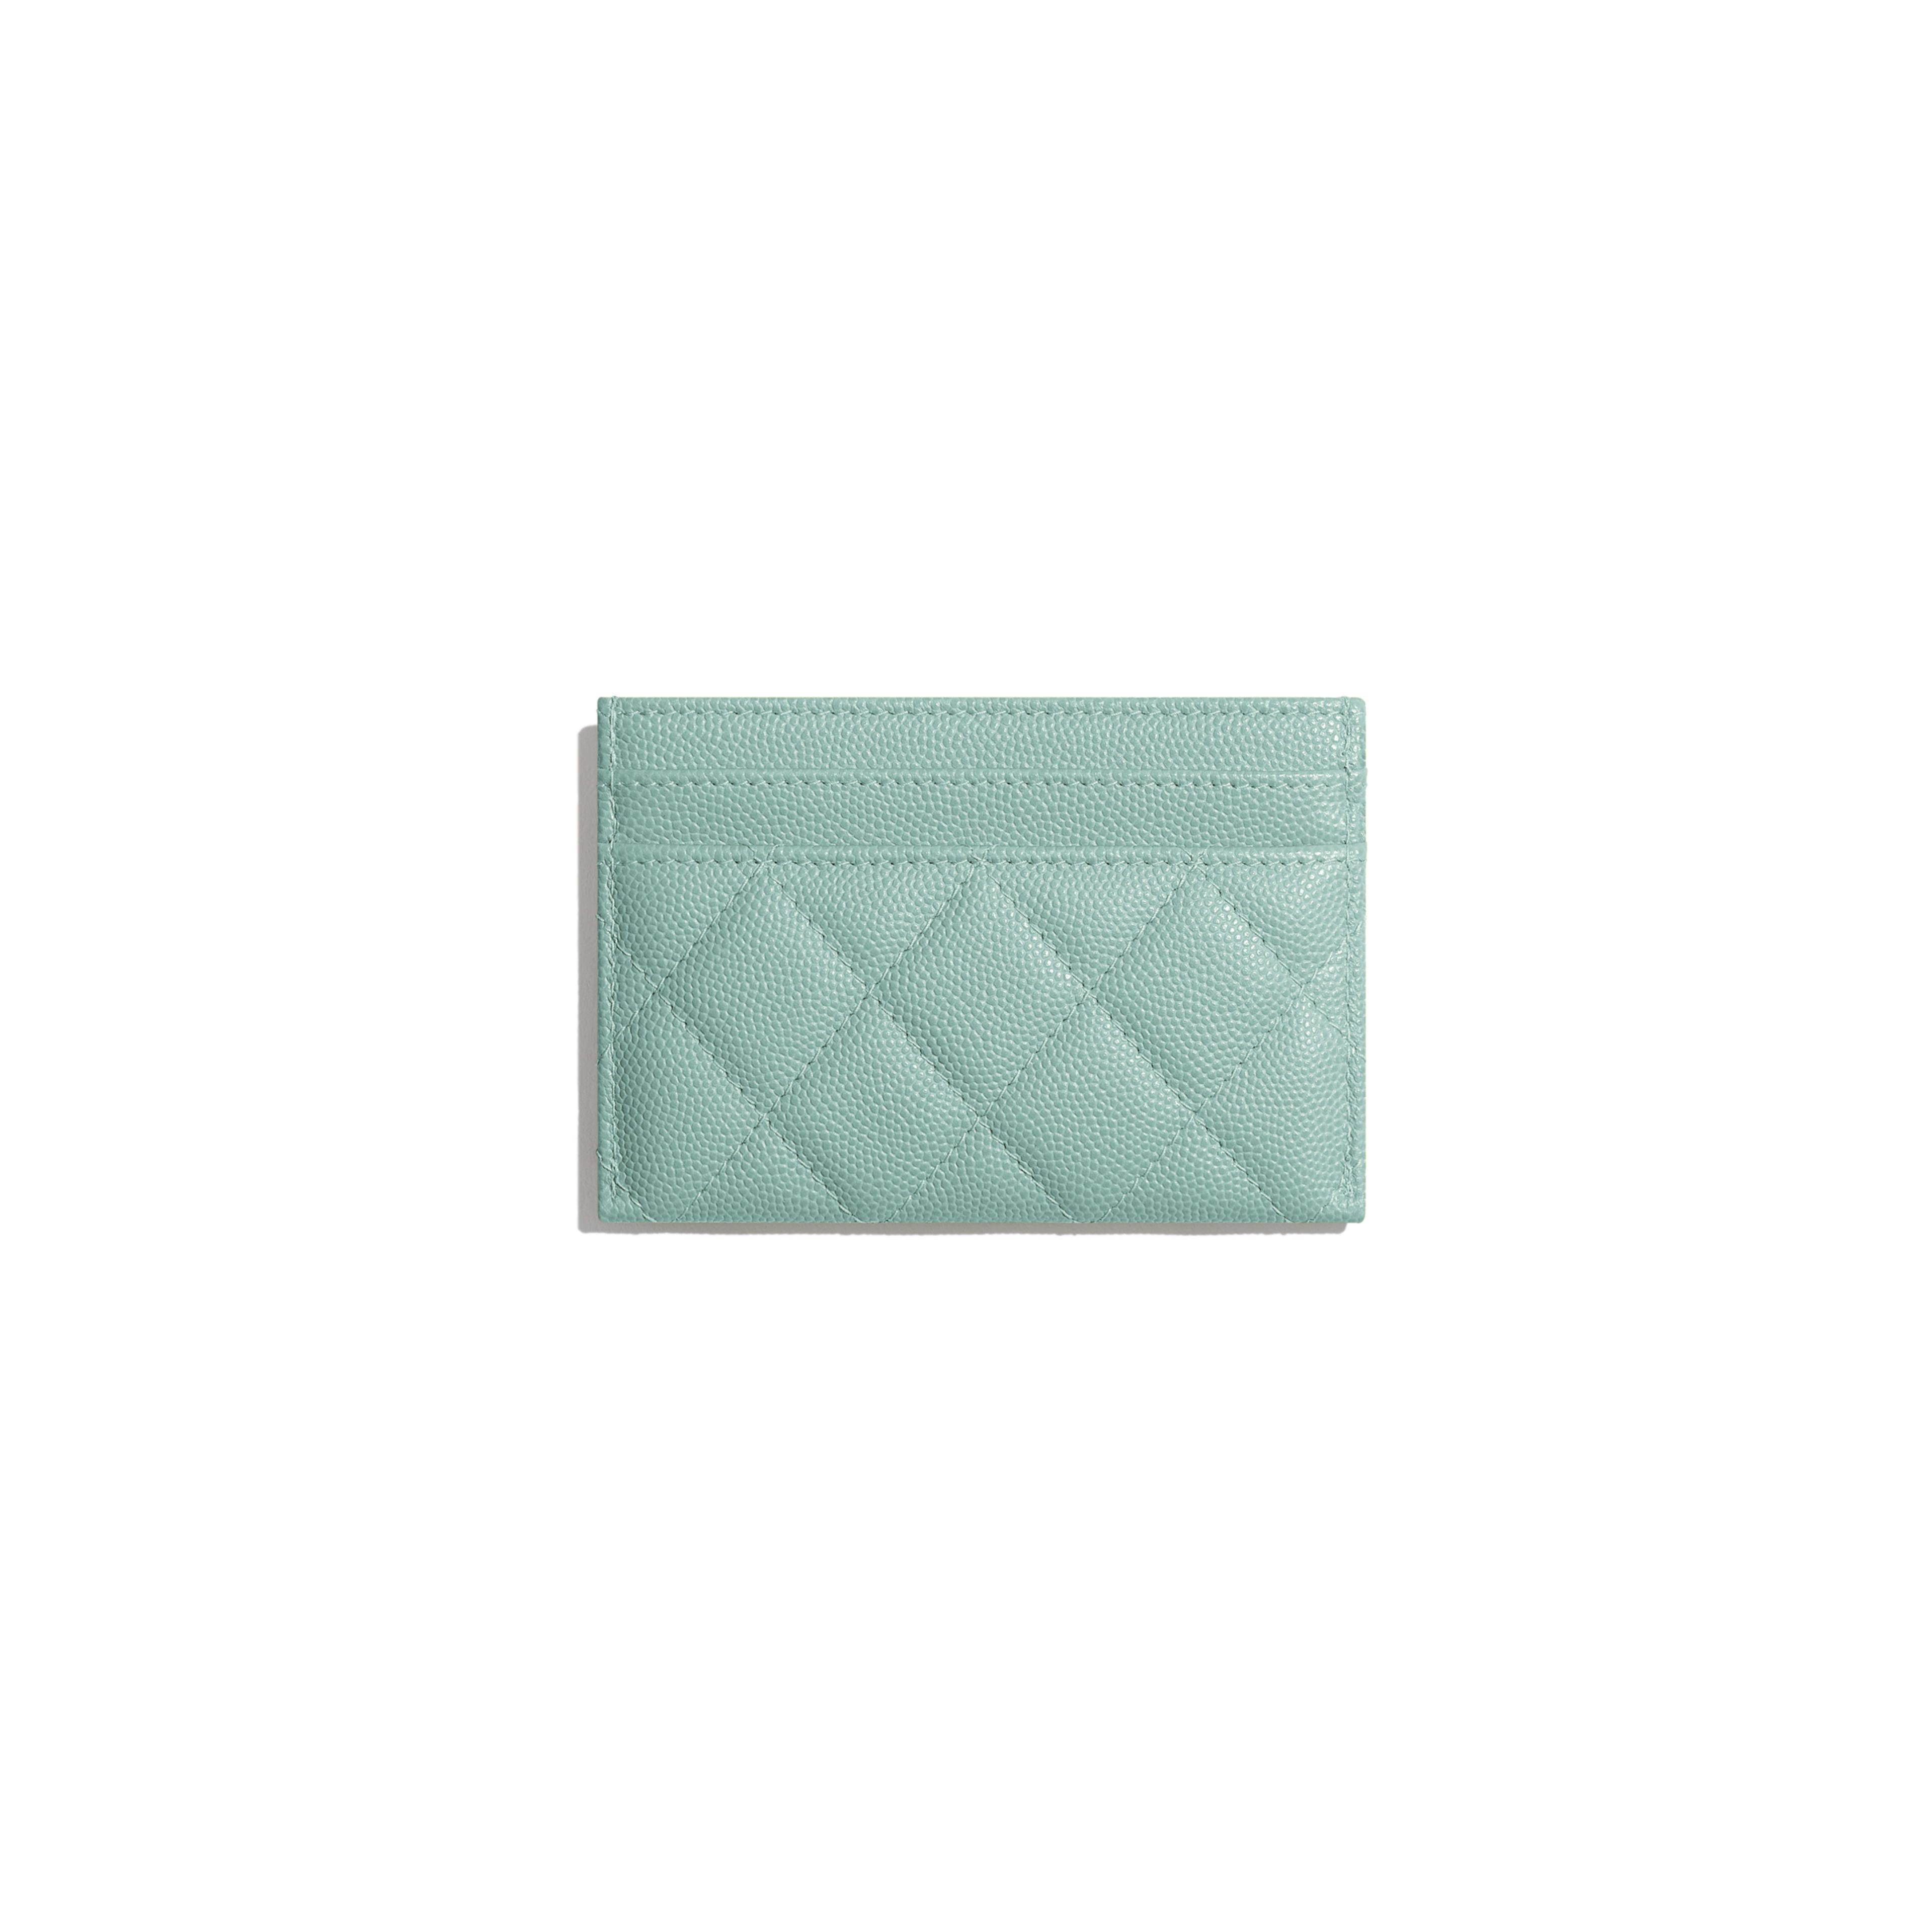 กระเป๋านามบัตร - สีฟ้า - หนังลูกวัวลายเกรน, โลหะสีทอง - มุมมองทางอื่น - ดูเวอร์ชันขนาดเต็ม